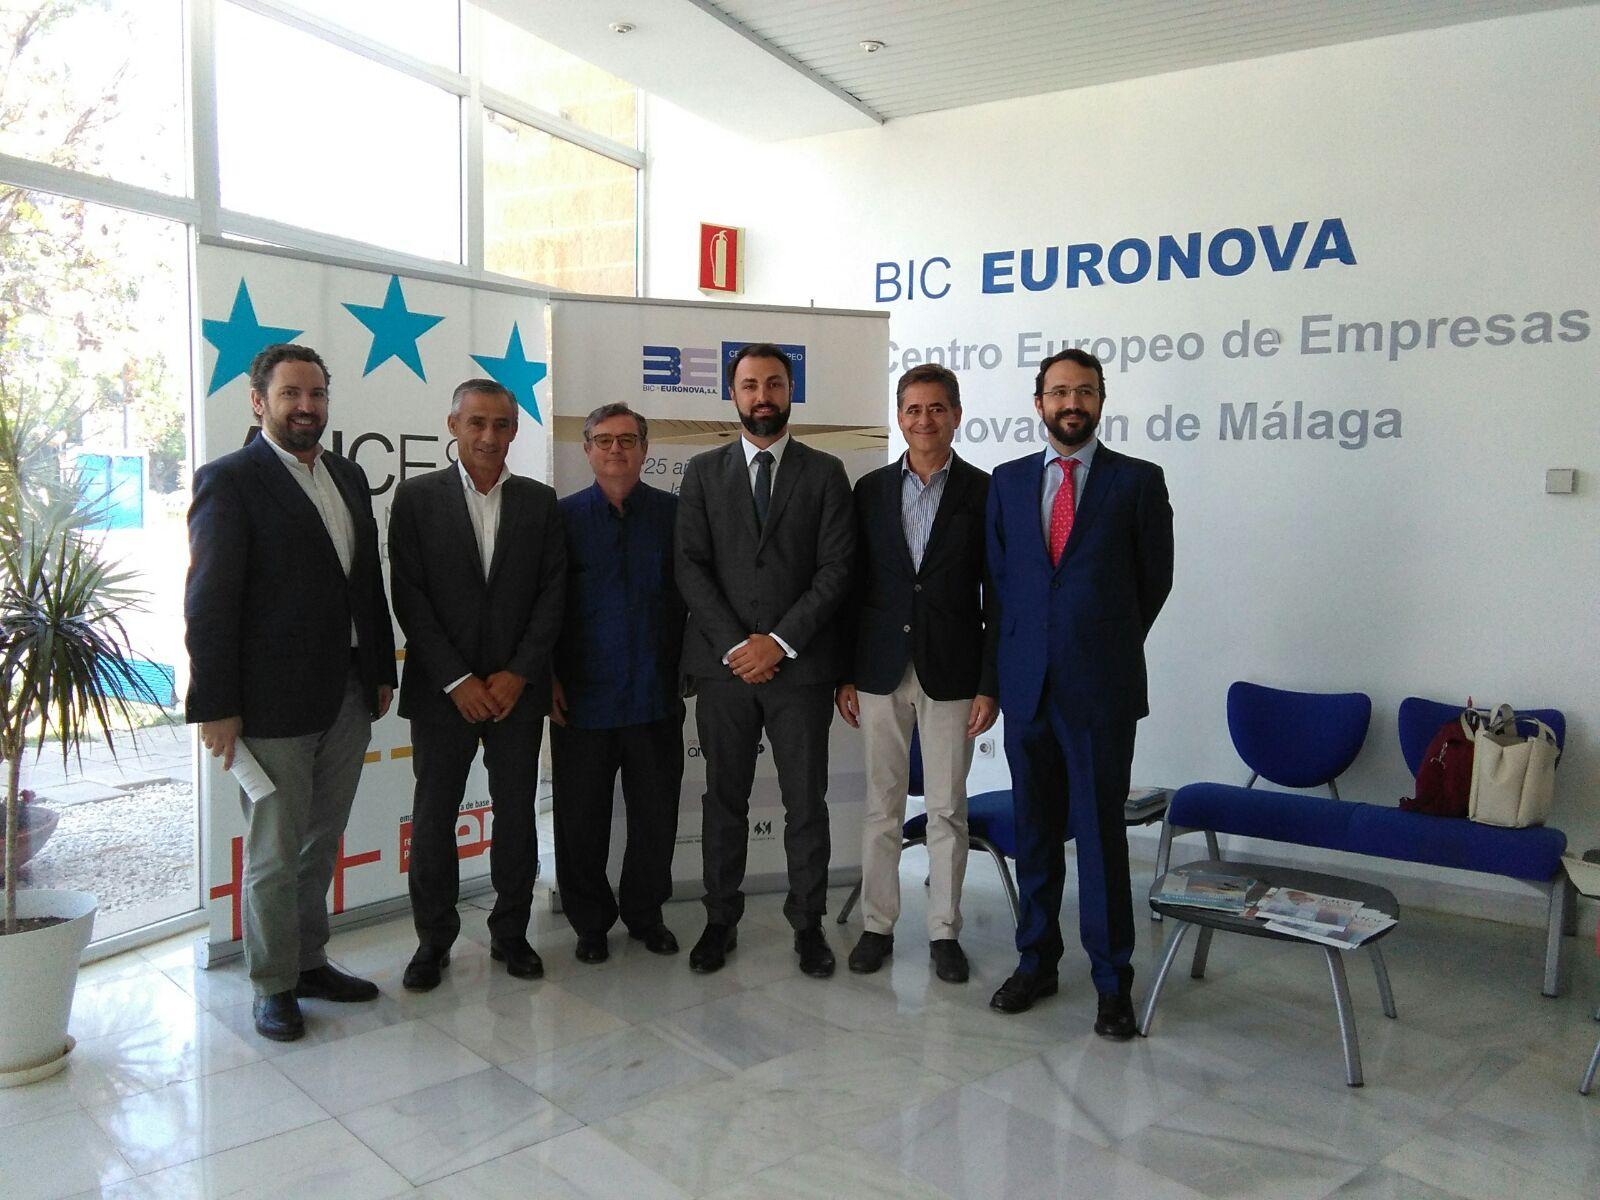 Las empresas de BIC Euronova facturaron 14 millones en 2017 y suman más de 250 puestos de trabajo en lo que va de 2018